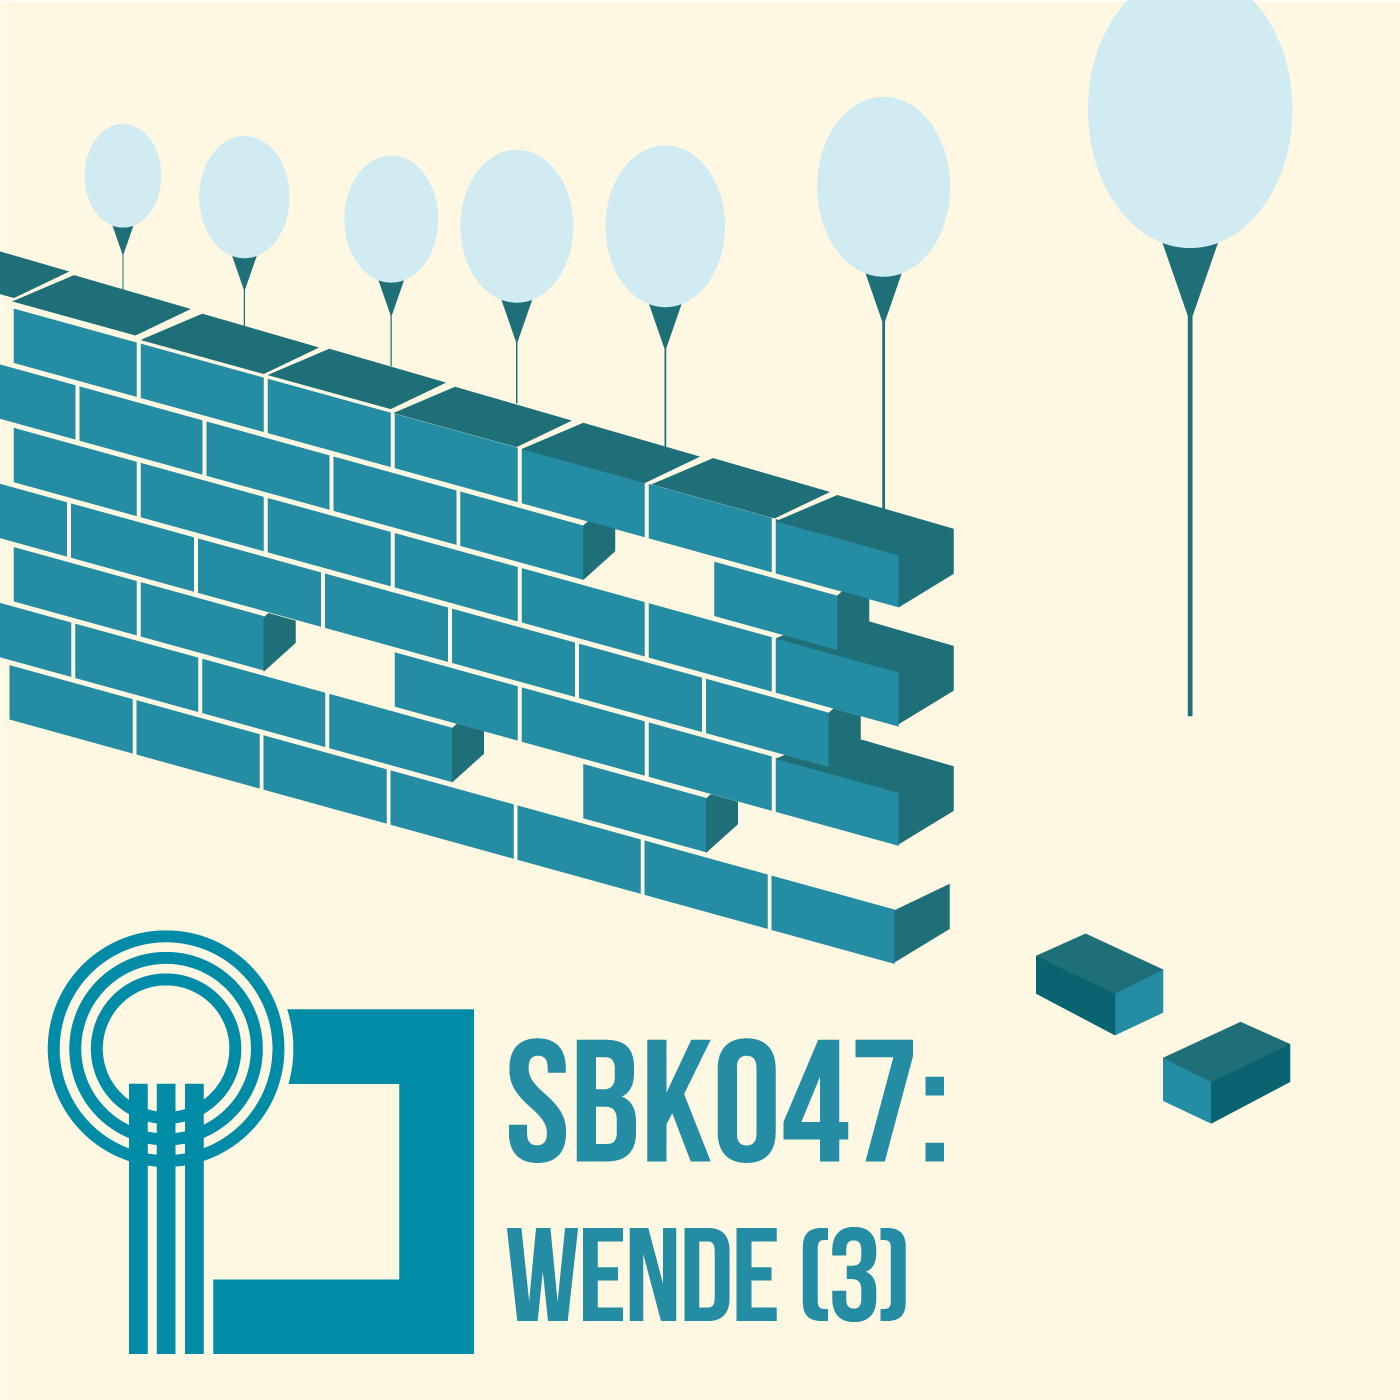 SBK047 Wende (3)